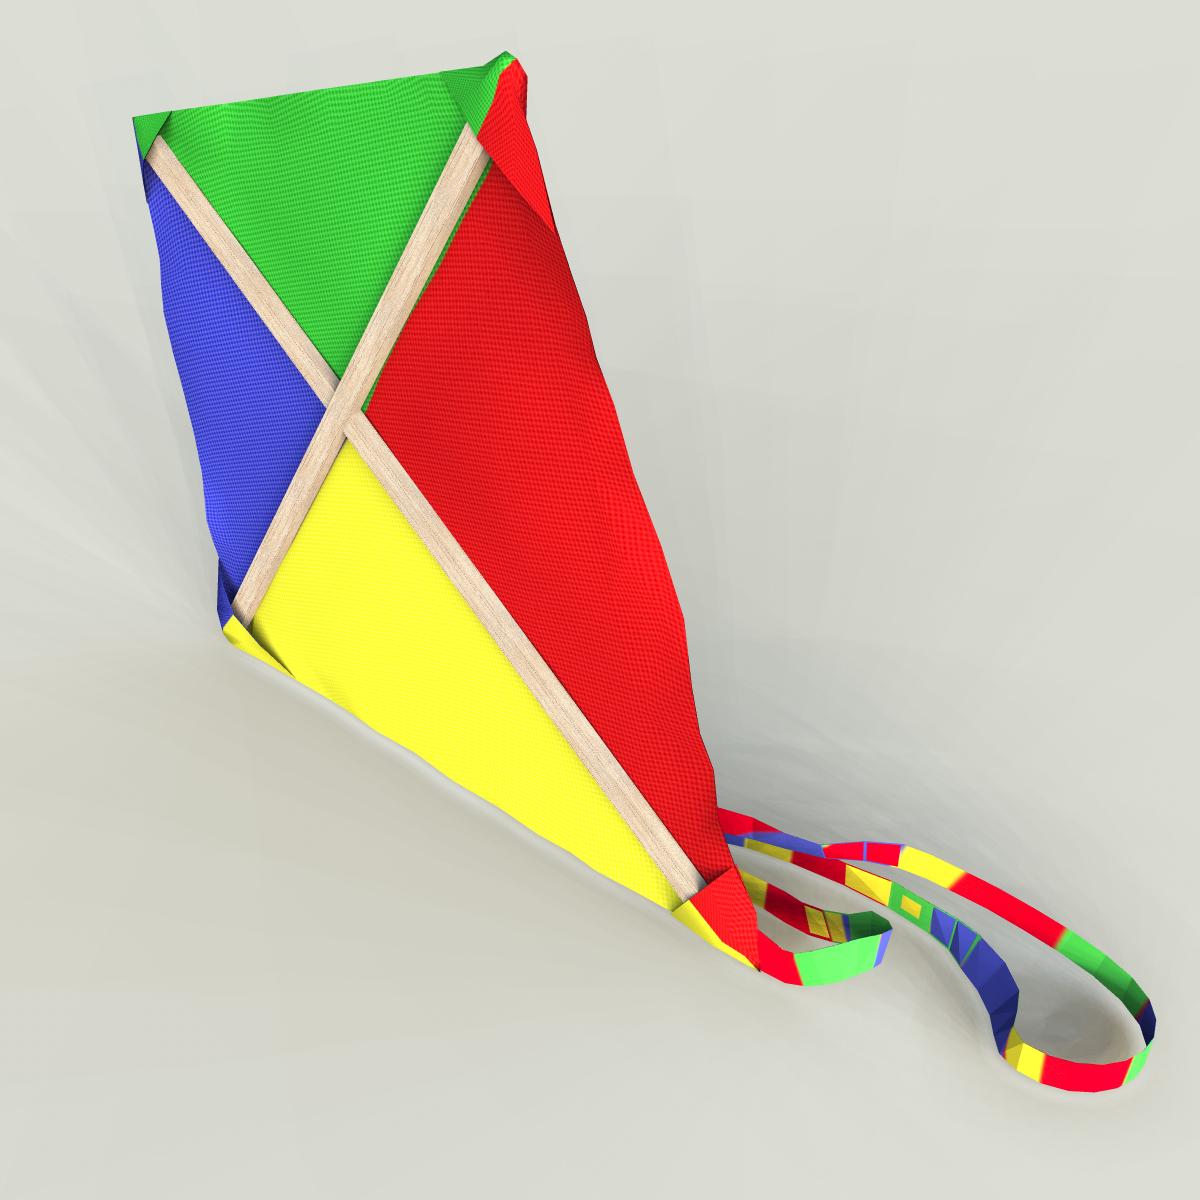 A Kite カイト メッドポリカイト